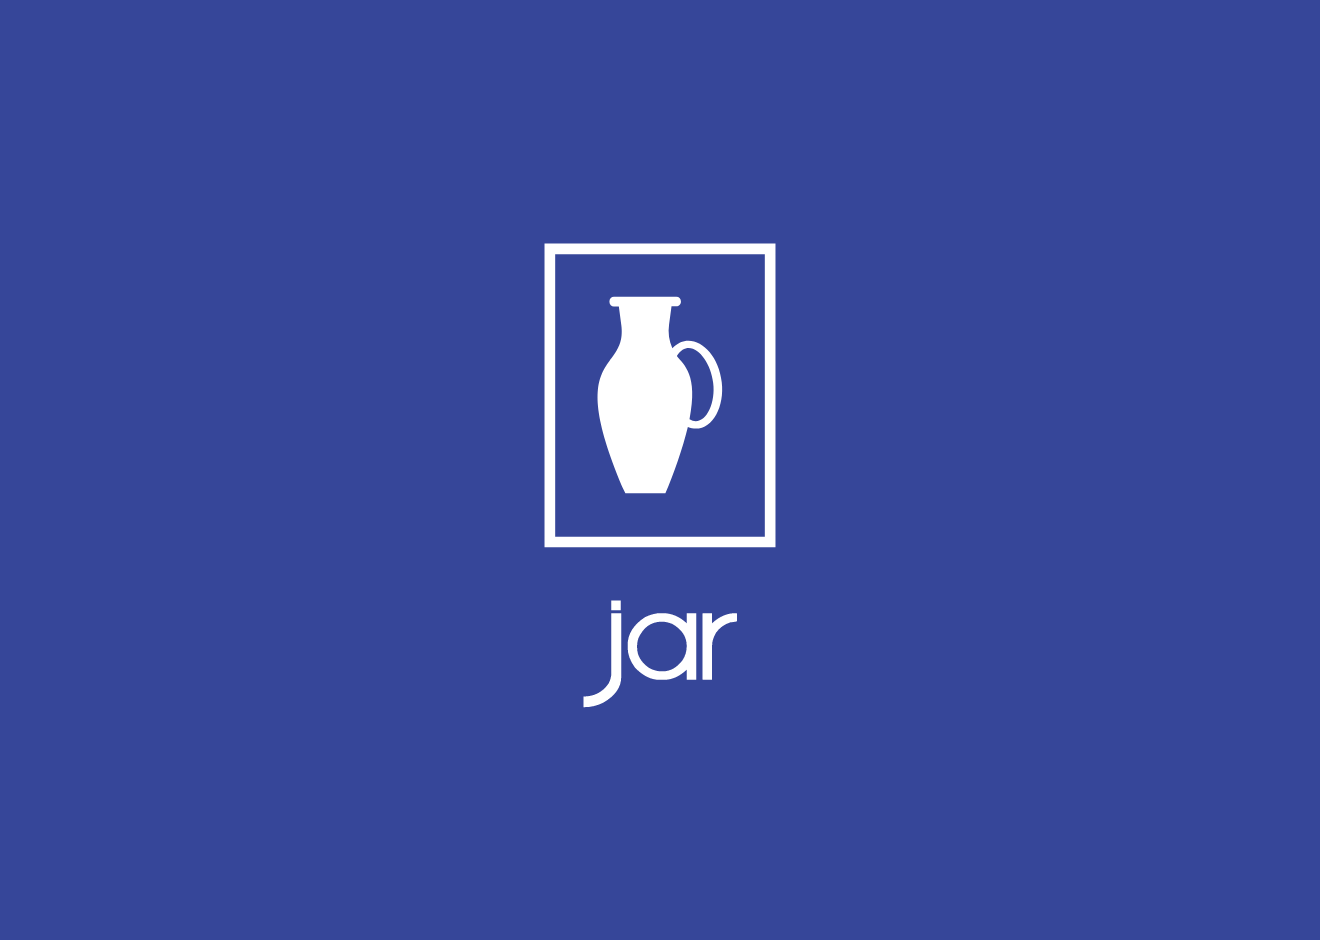 AWSJar makes it easy to save data from AWS Lambda